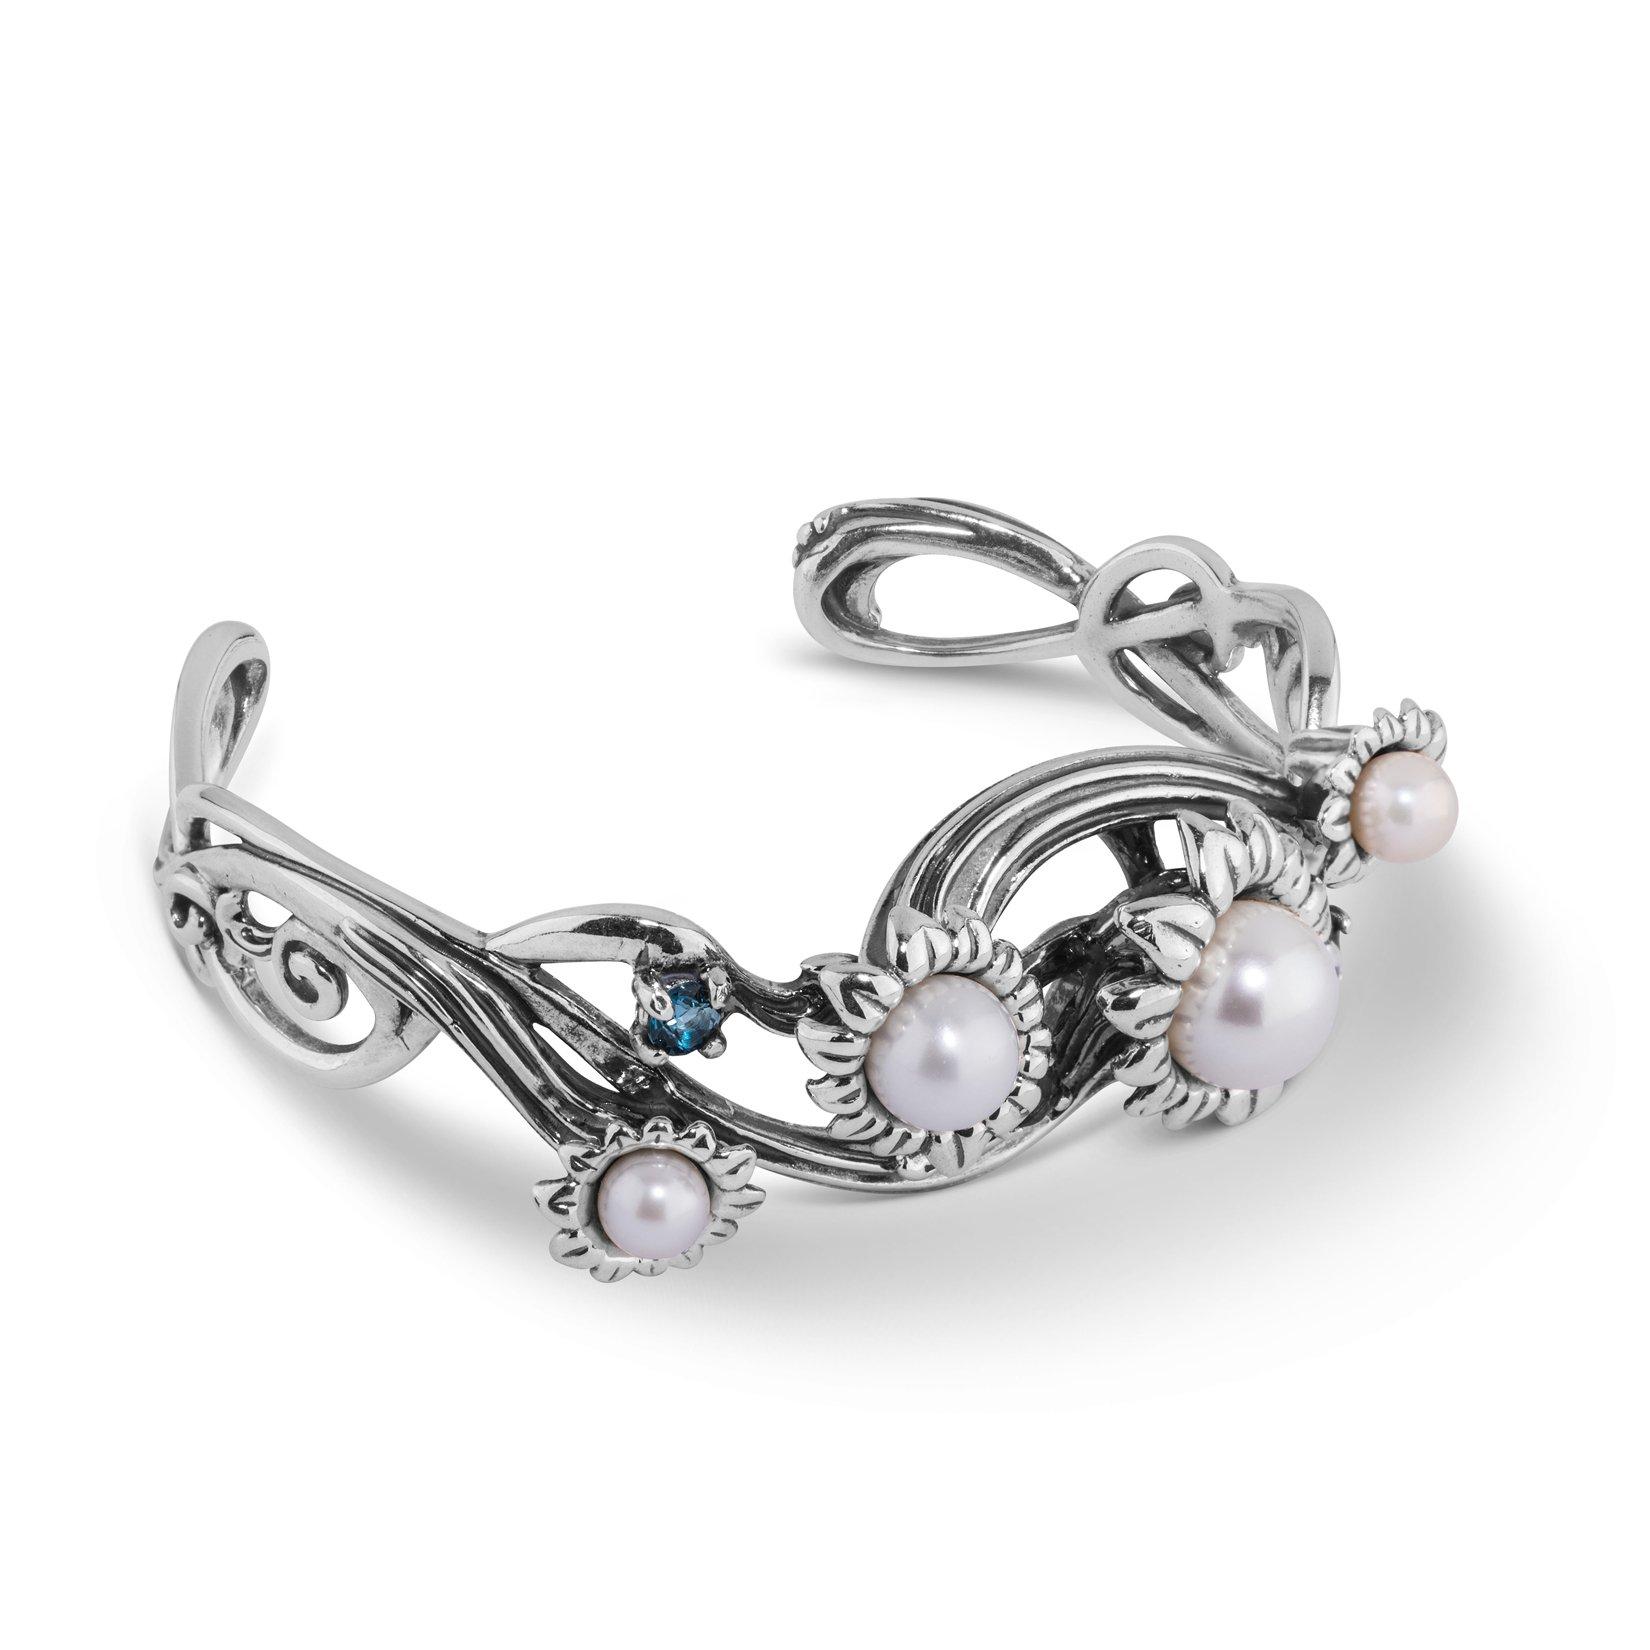 Purity & Promise Pearl & London Blue Topaz Flower Cuff Bracelet